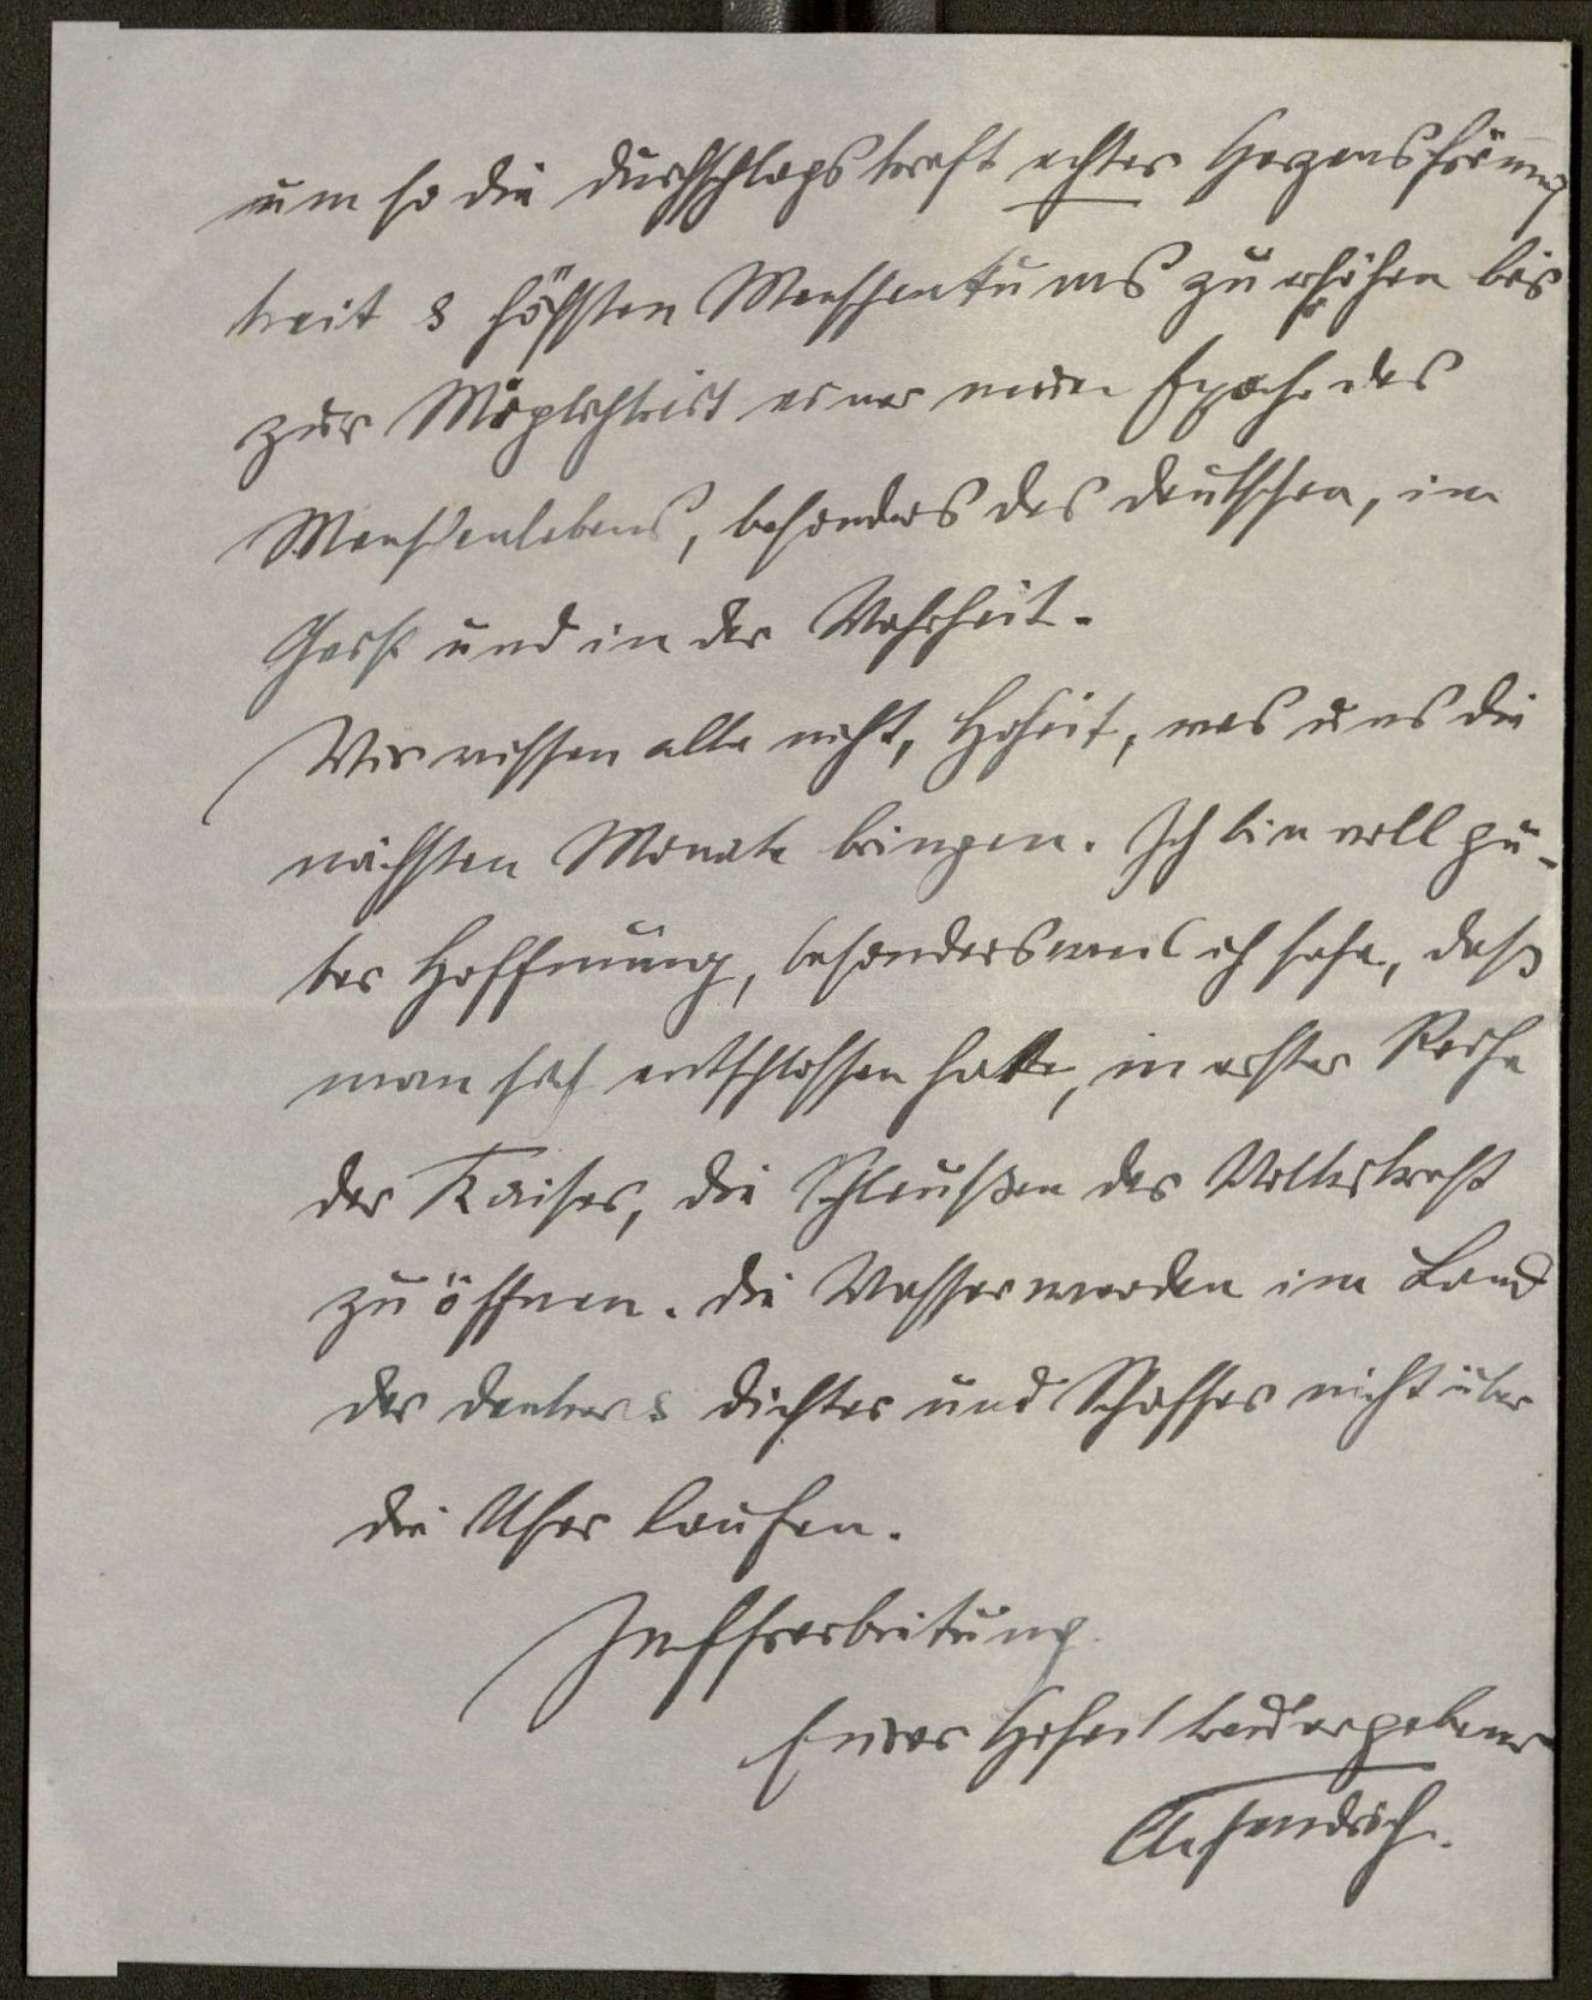 Schreiben von Anton Fendrich an Prinz Max von Baden; Regierungsbeteiligung Friedrich Eberts, Bild 3